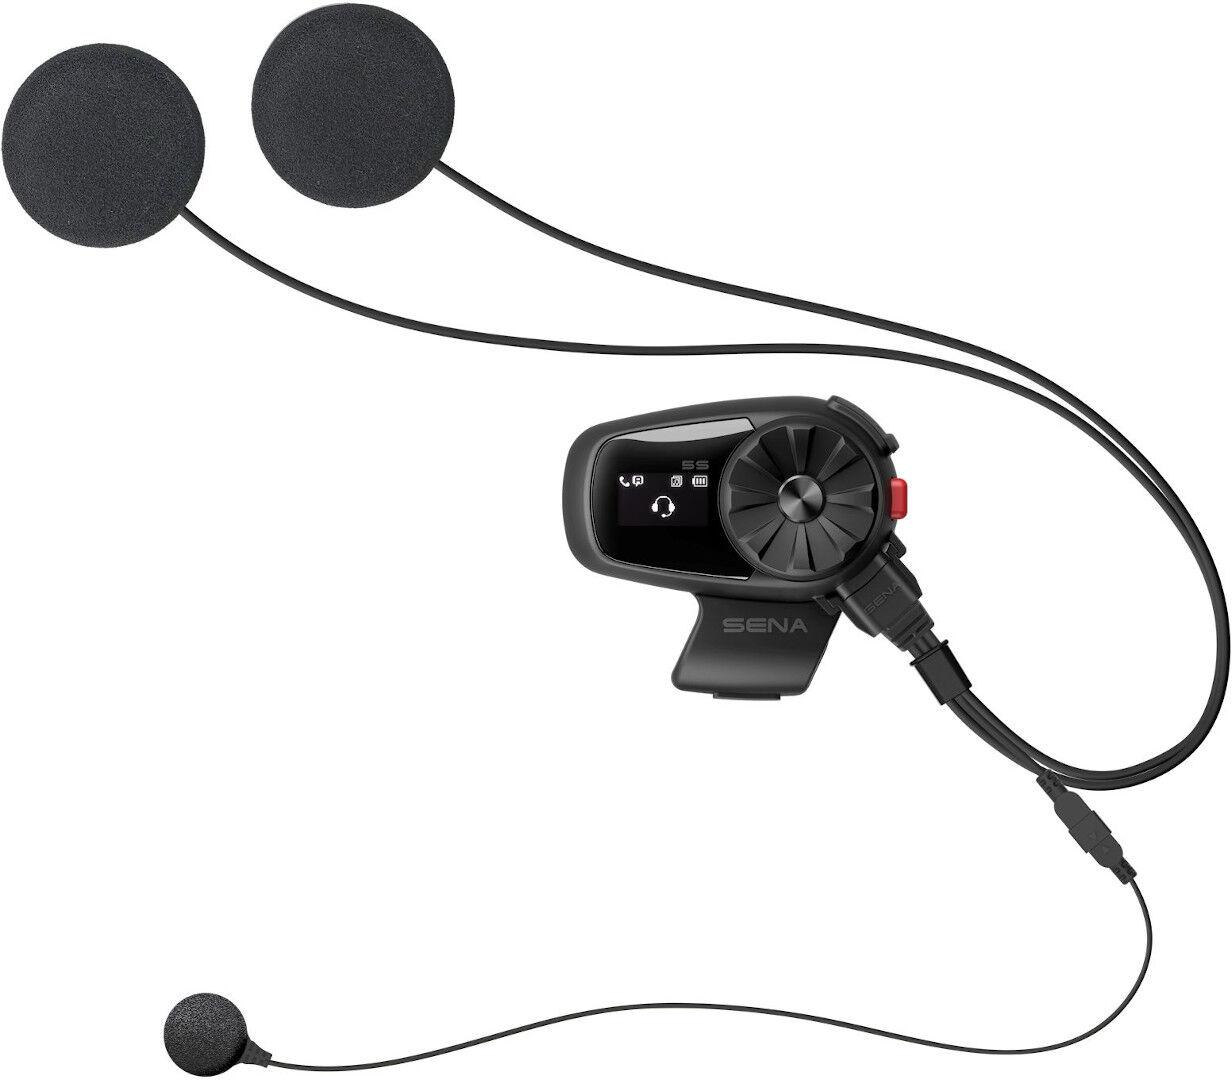 Sena 5S Bluetooth-kommunikasjonssystem enkeltpakke en størrelse Svart